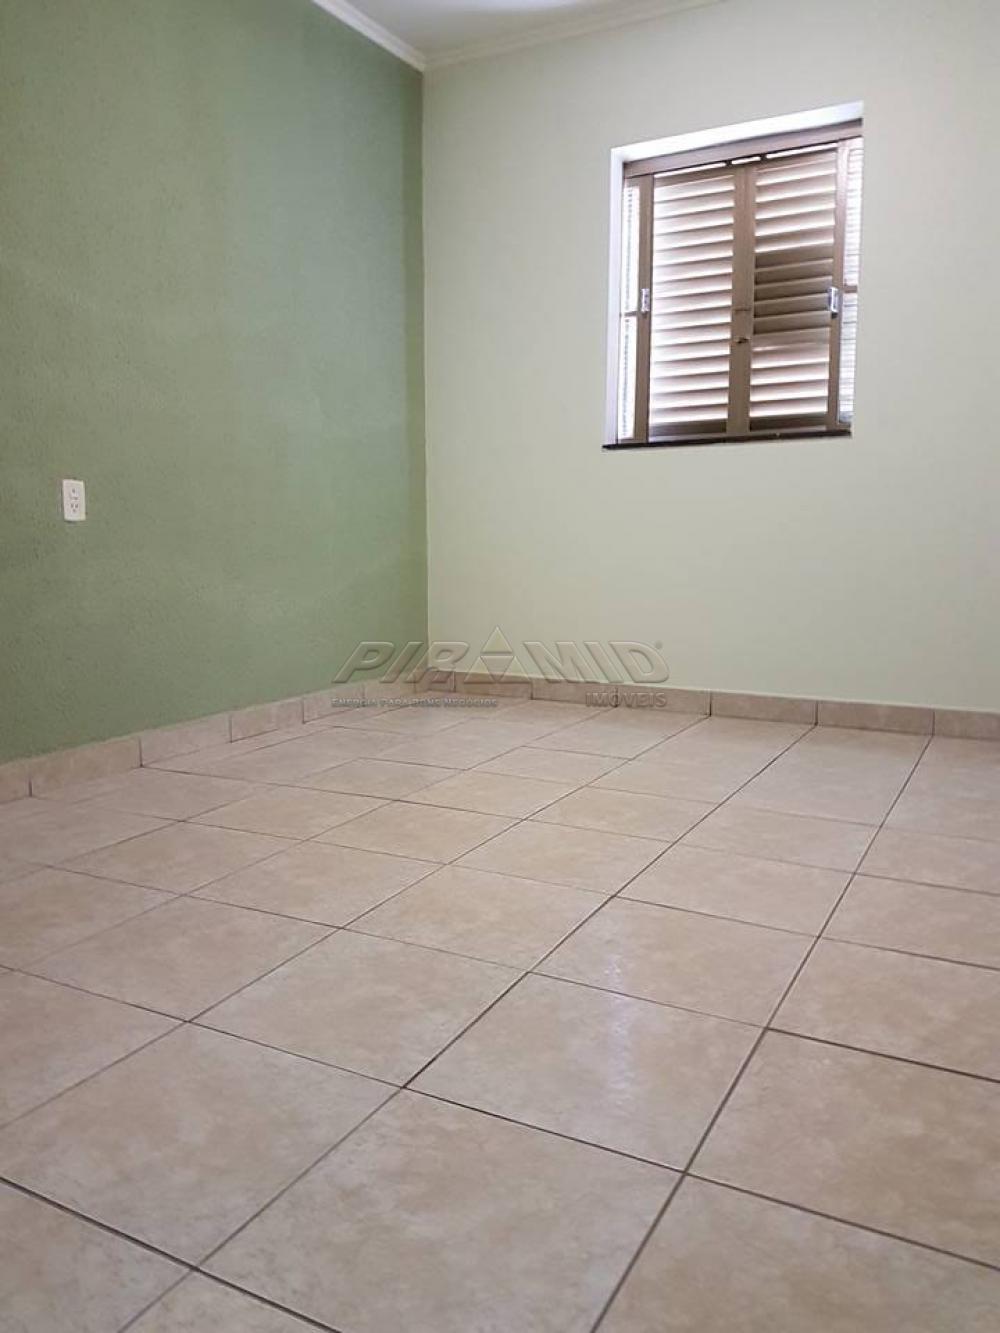 Comprar Casa / Padrão em Ribeirão Preto apenas R$ 200.000,00 - Foto 7